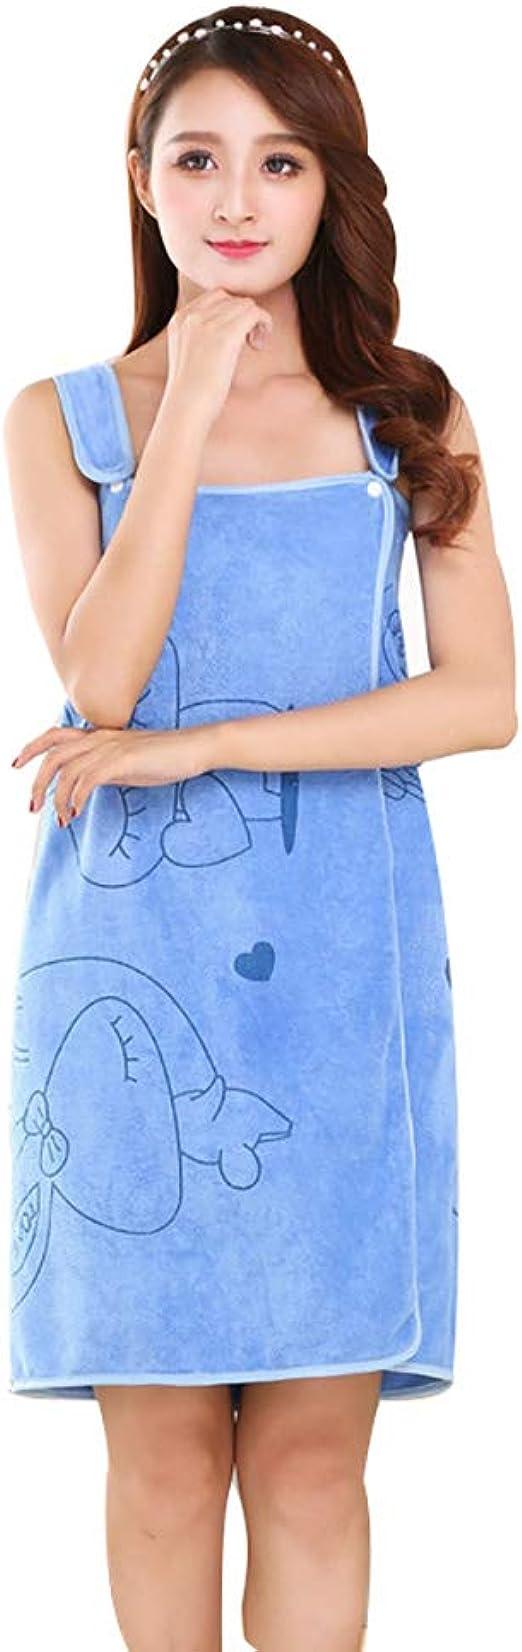 Ningb Accappatoio da Donna ad Asciugatura Rapida Coniglio indossabile Asciugamano da Bagno Doccia Spa Wrap Corpo Spiaggia Abito da Bagno Abbigliamento da Notte